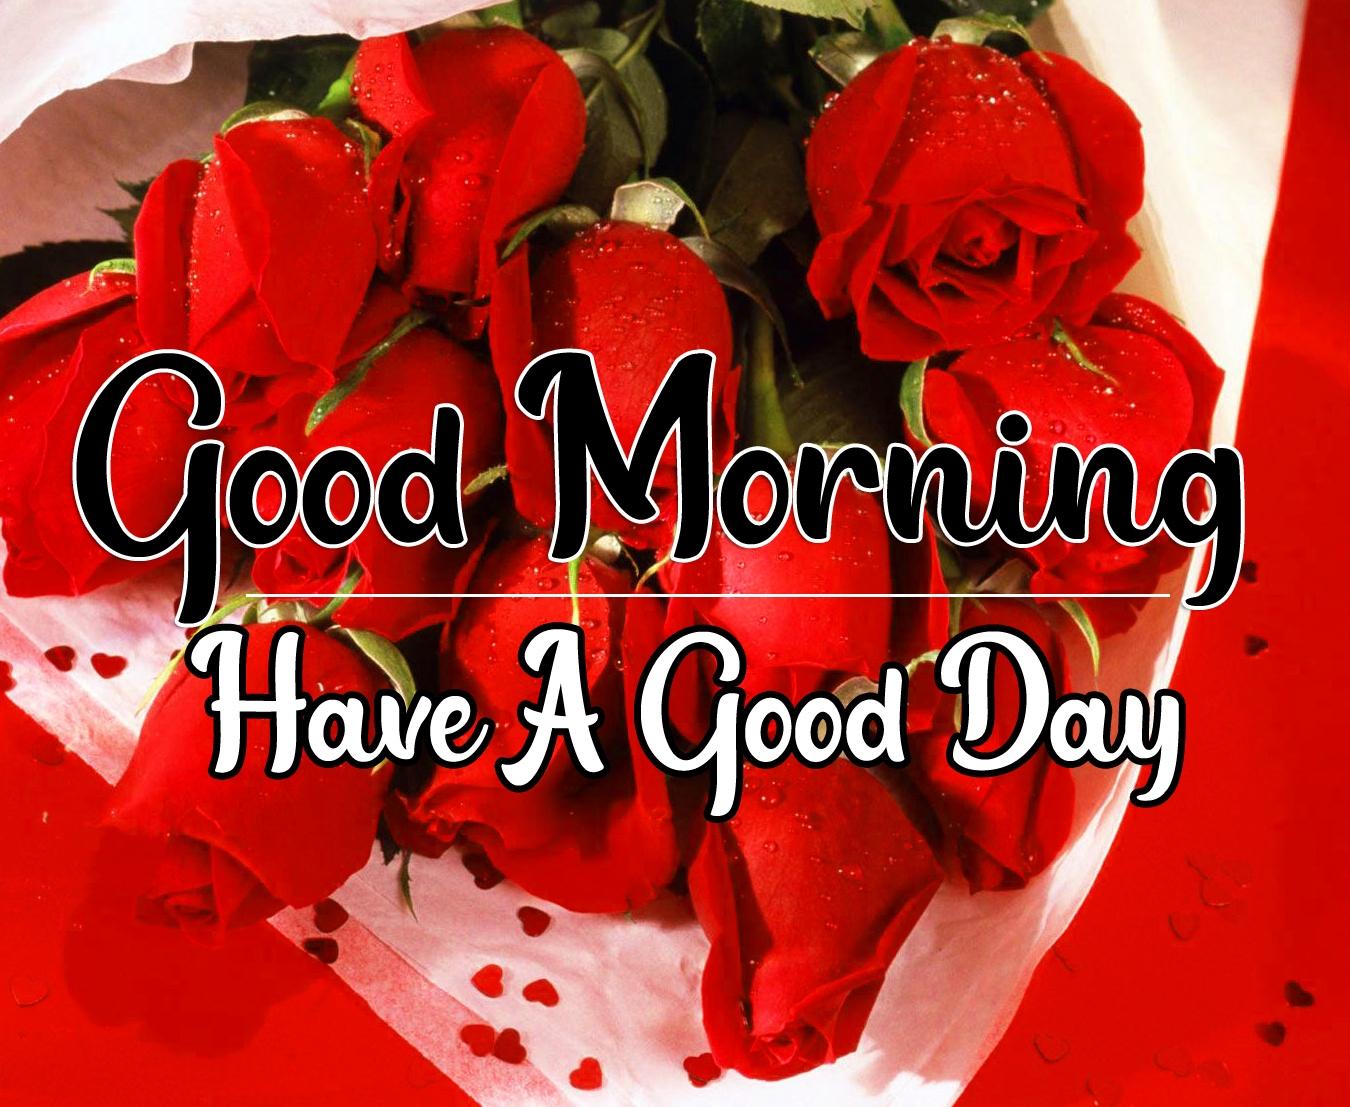 Special Good Morning Wallpaper 32